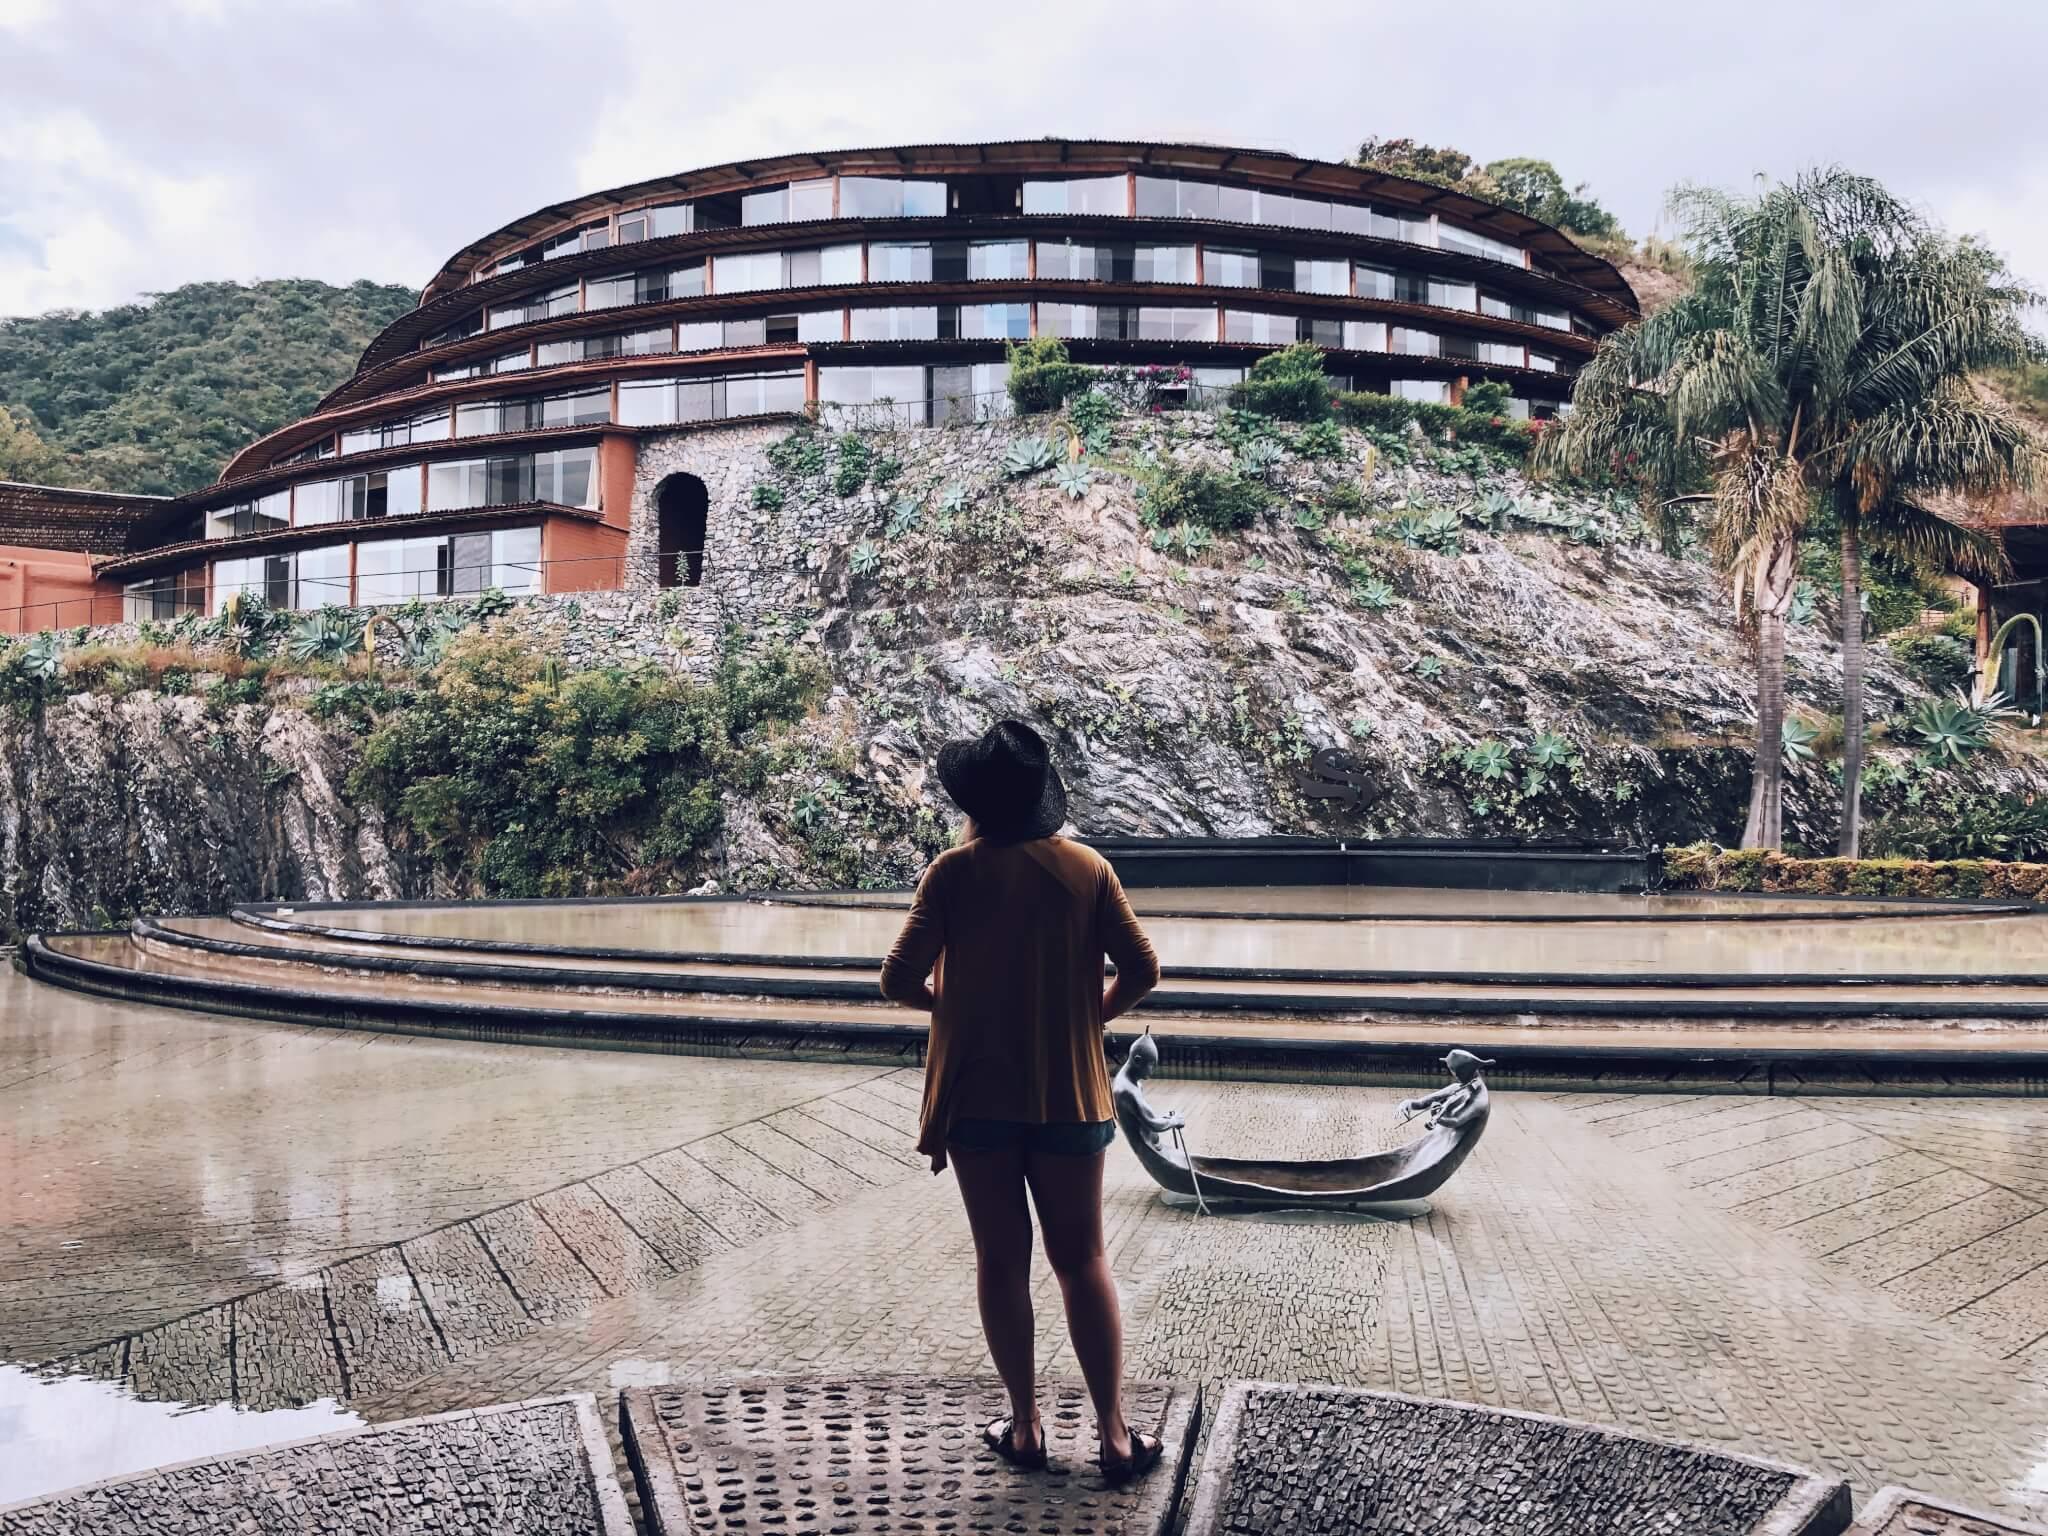 Hotels in Valle de Bravo   El Santuario